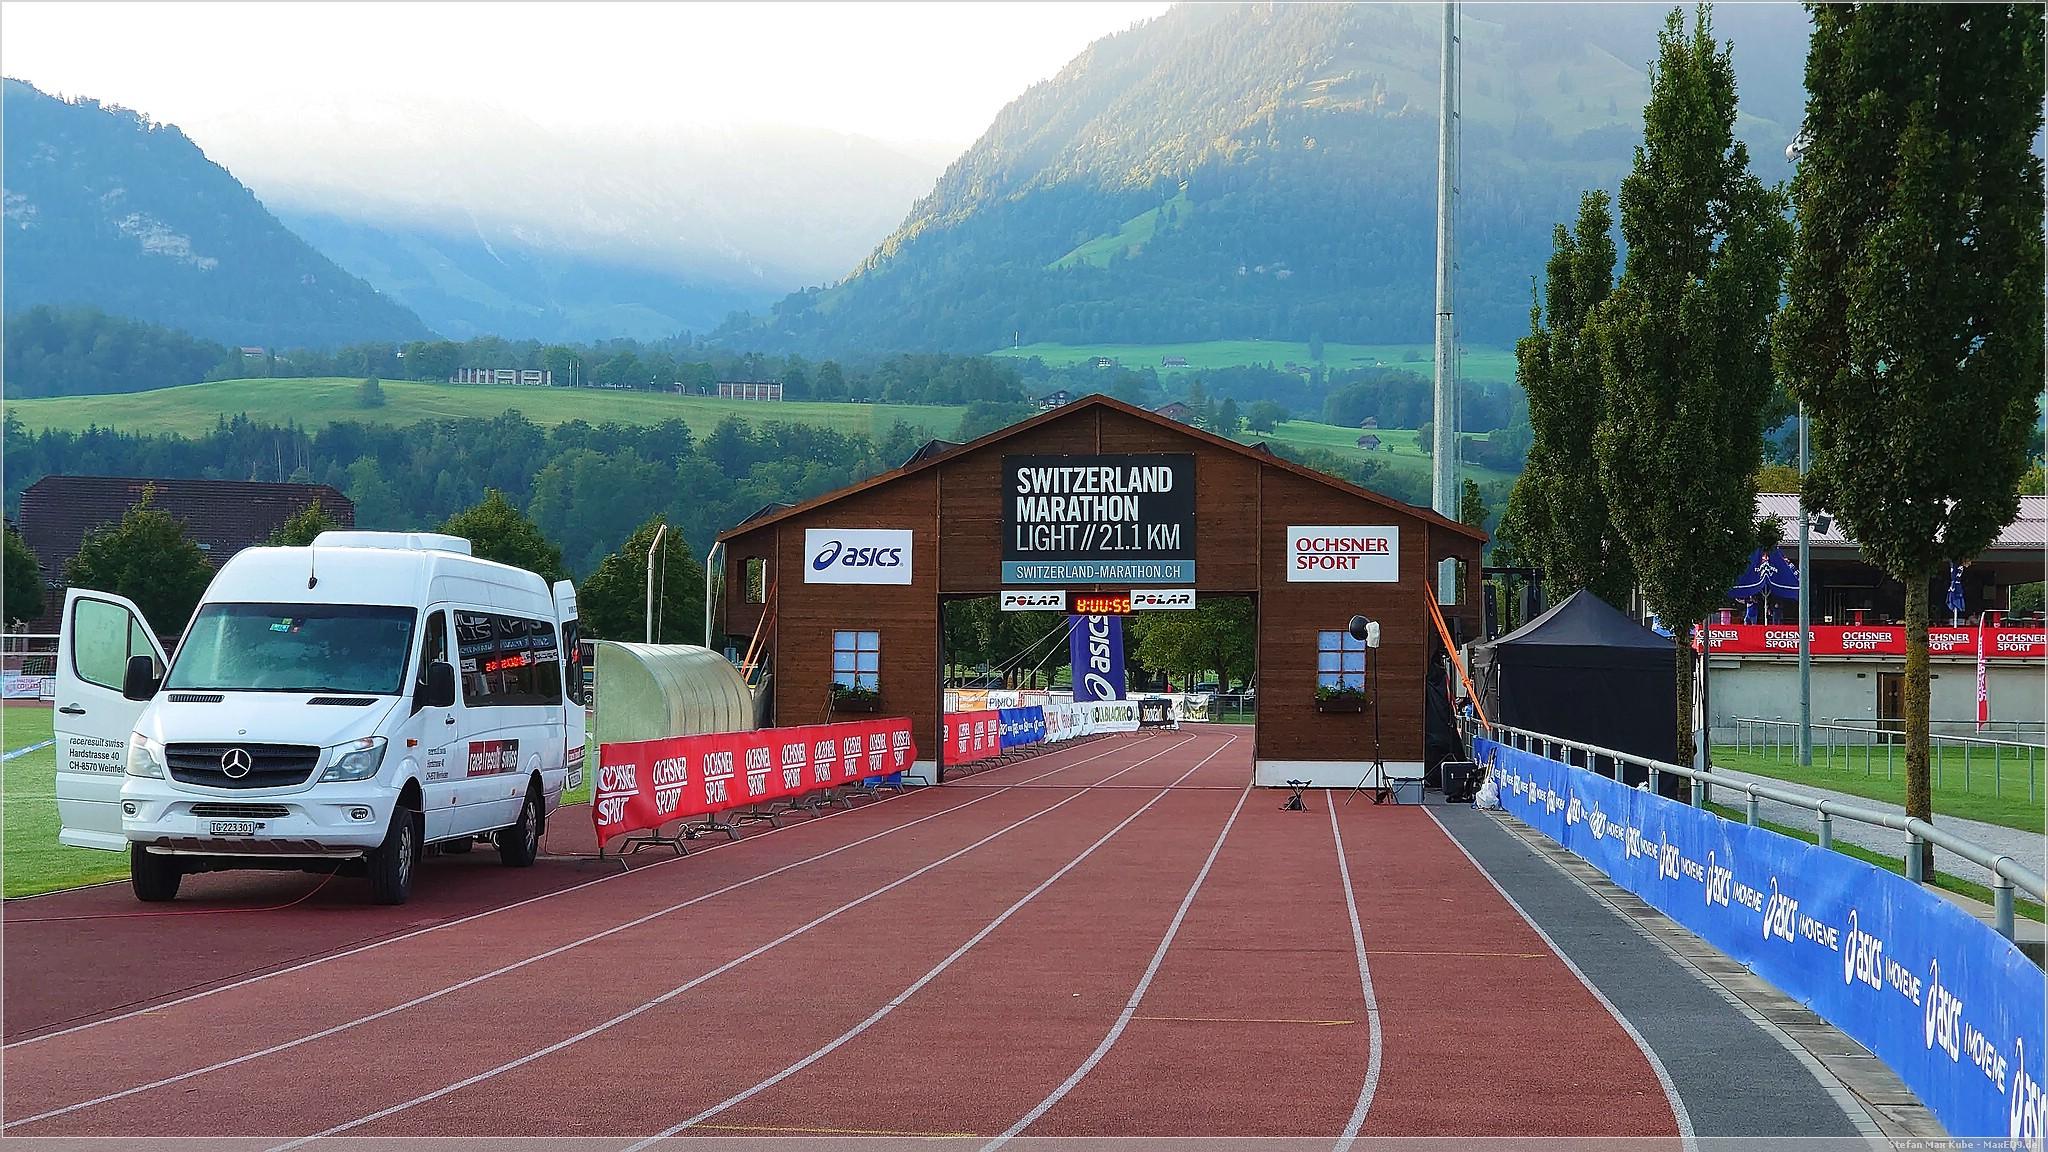 der Zieleinlauf am Morgen vor dem Rennen